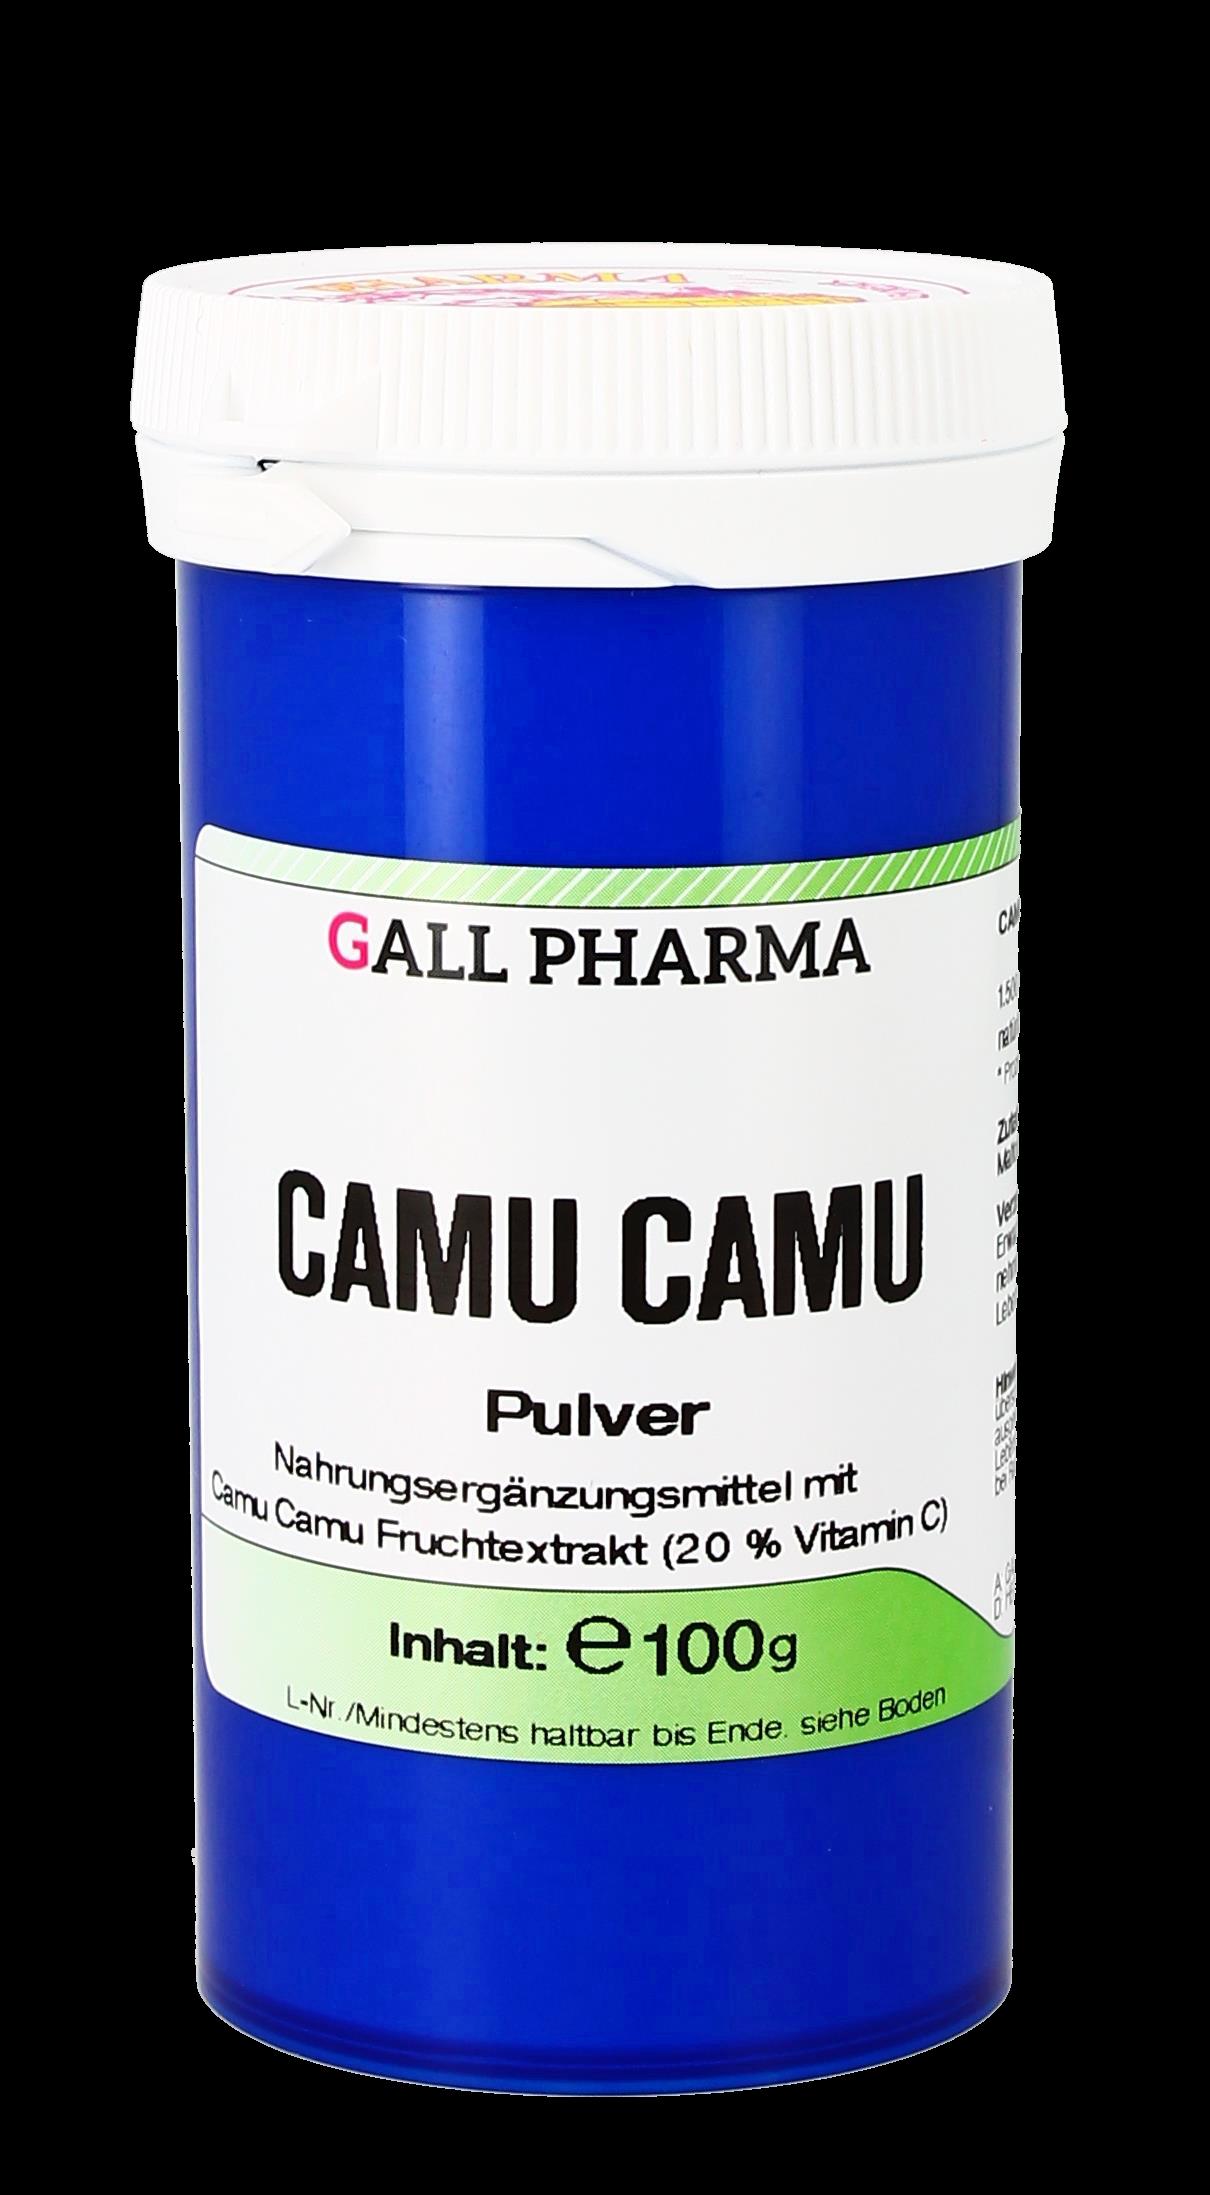 Camu Camu Pulver